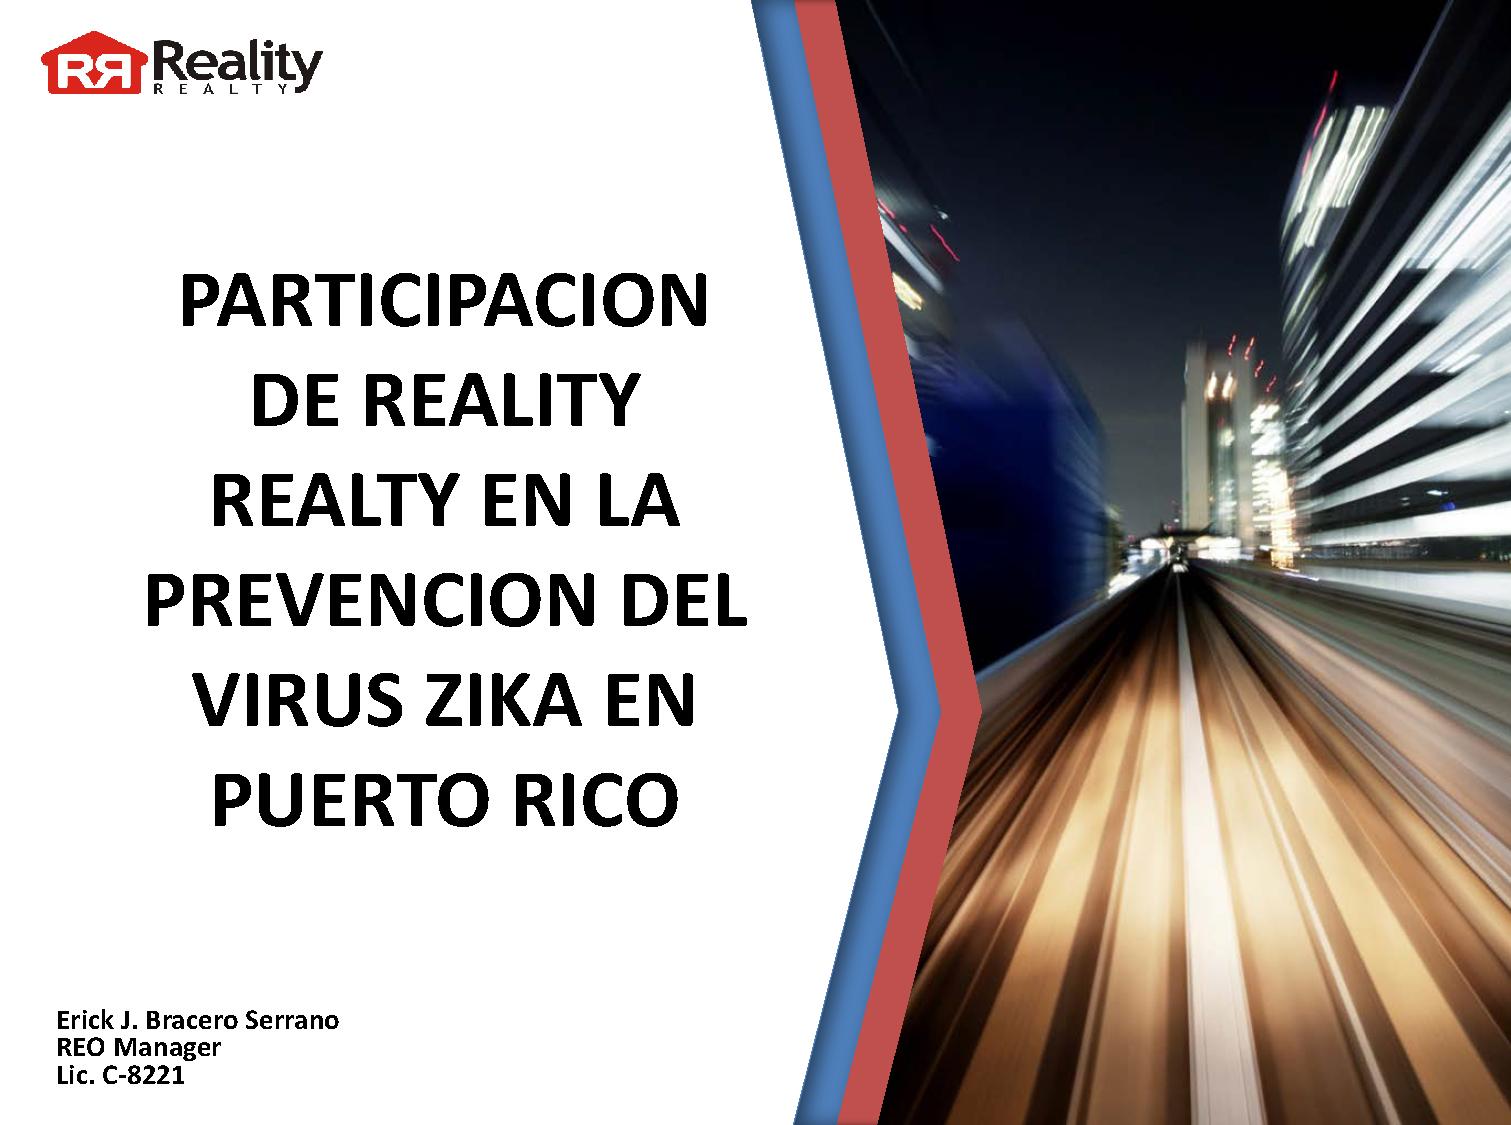 PARTICIPACION DE REALITY REALTY EN LA PREVENCION DEL VIRUS ZIKA_Página_1